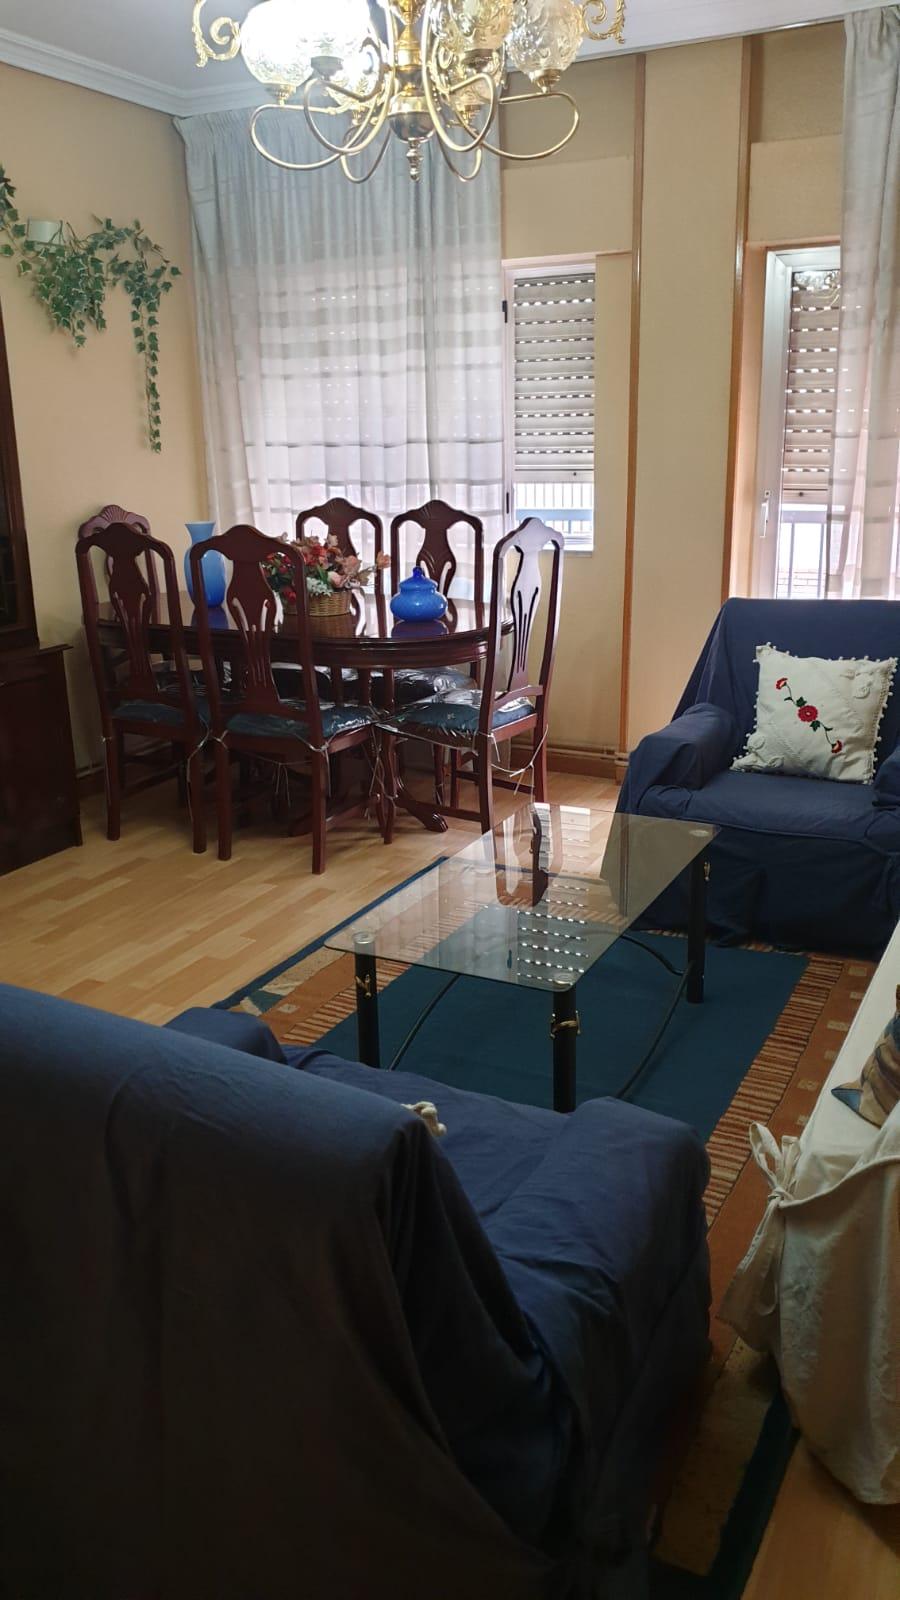 Piso de tres dormitorios junto a corte inglés (REF: 26) - foto 1 34c27cb4-f5f6-416a-913d-5c0470e776c3.jpg